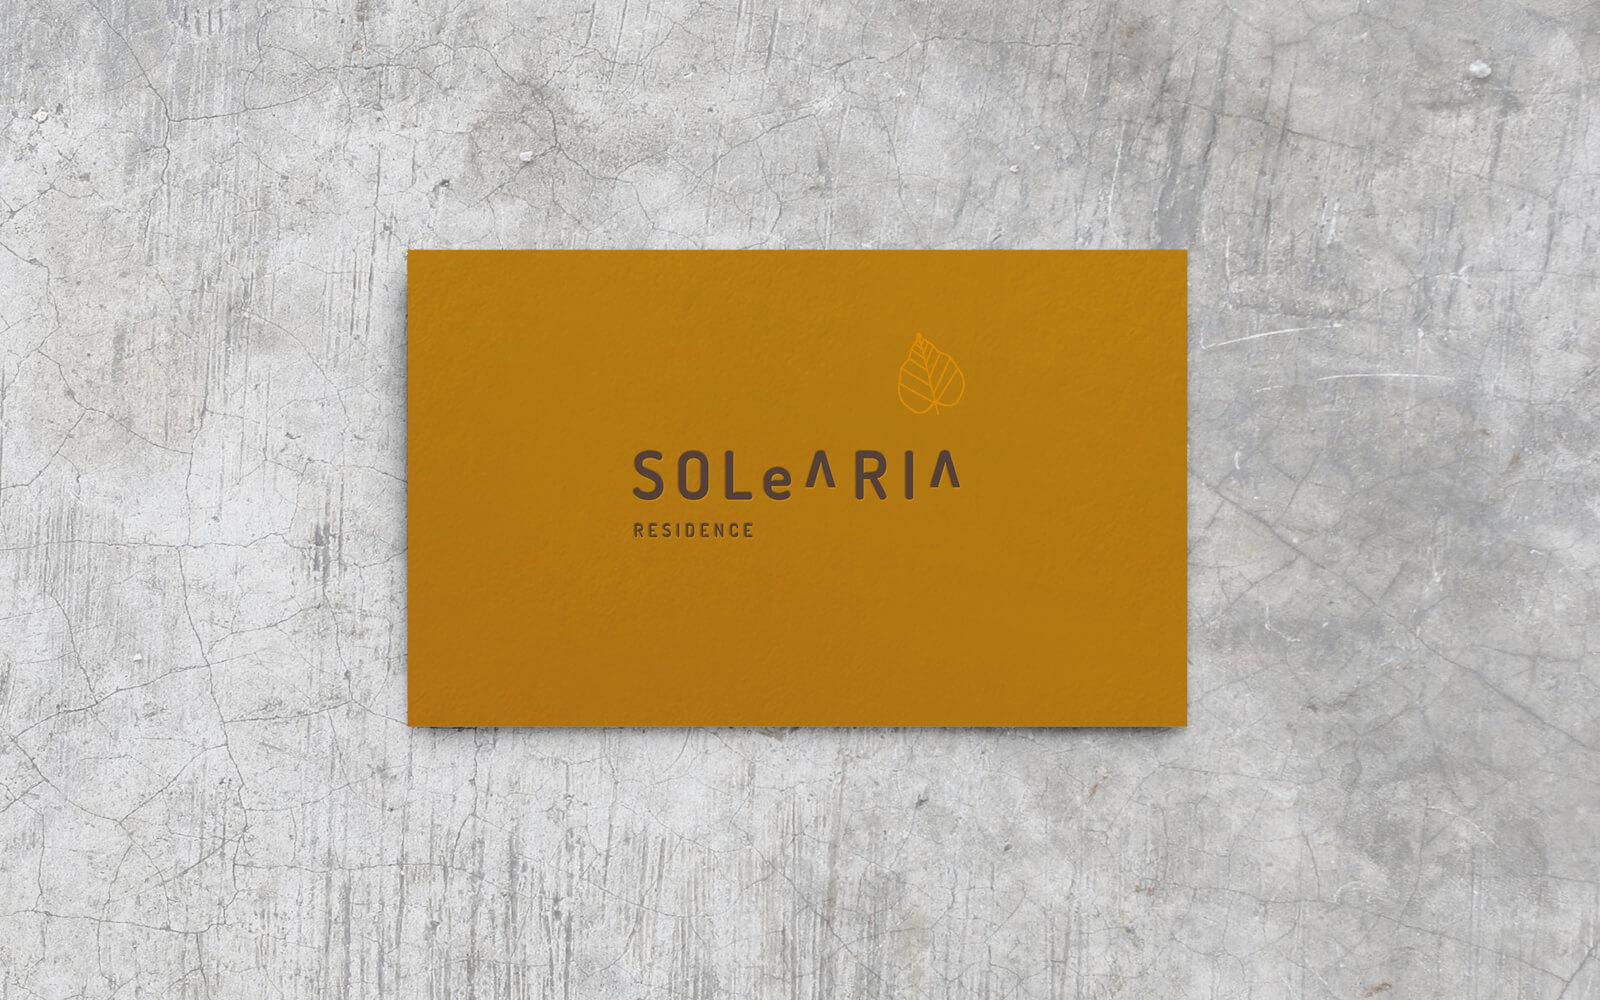 progetto grafico del logo, naming e branding per b&B Solearia, creato dalla agenzia di comunicazione diadestudio arco trento